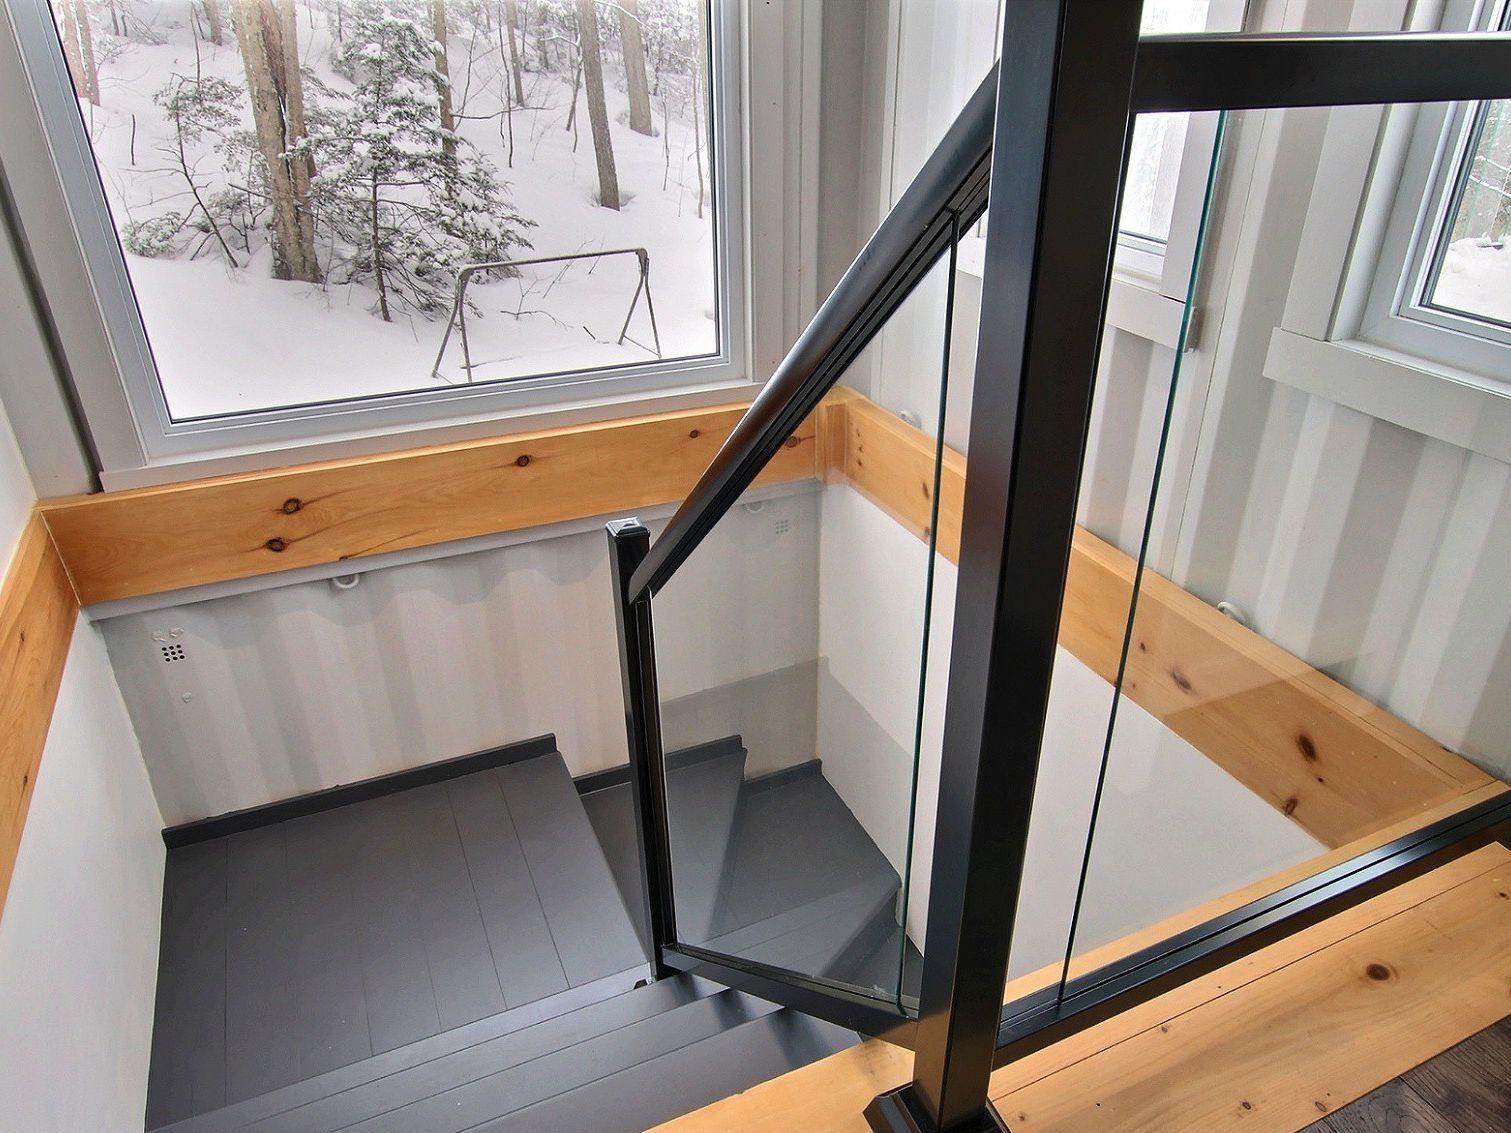 escalier-maison-a-un-etage-et-demi-a-vendre-rigaud-quebec-province-1600-8478620.jpg